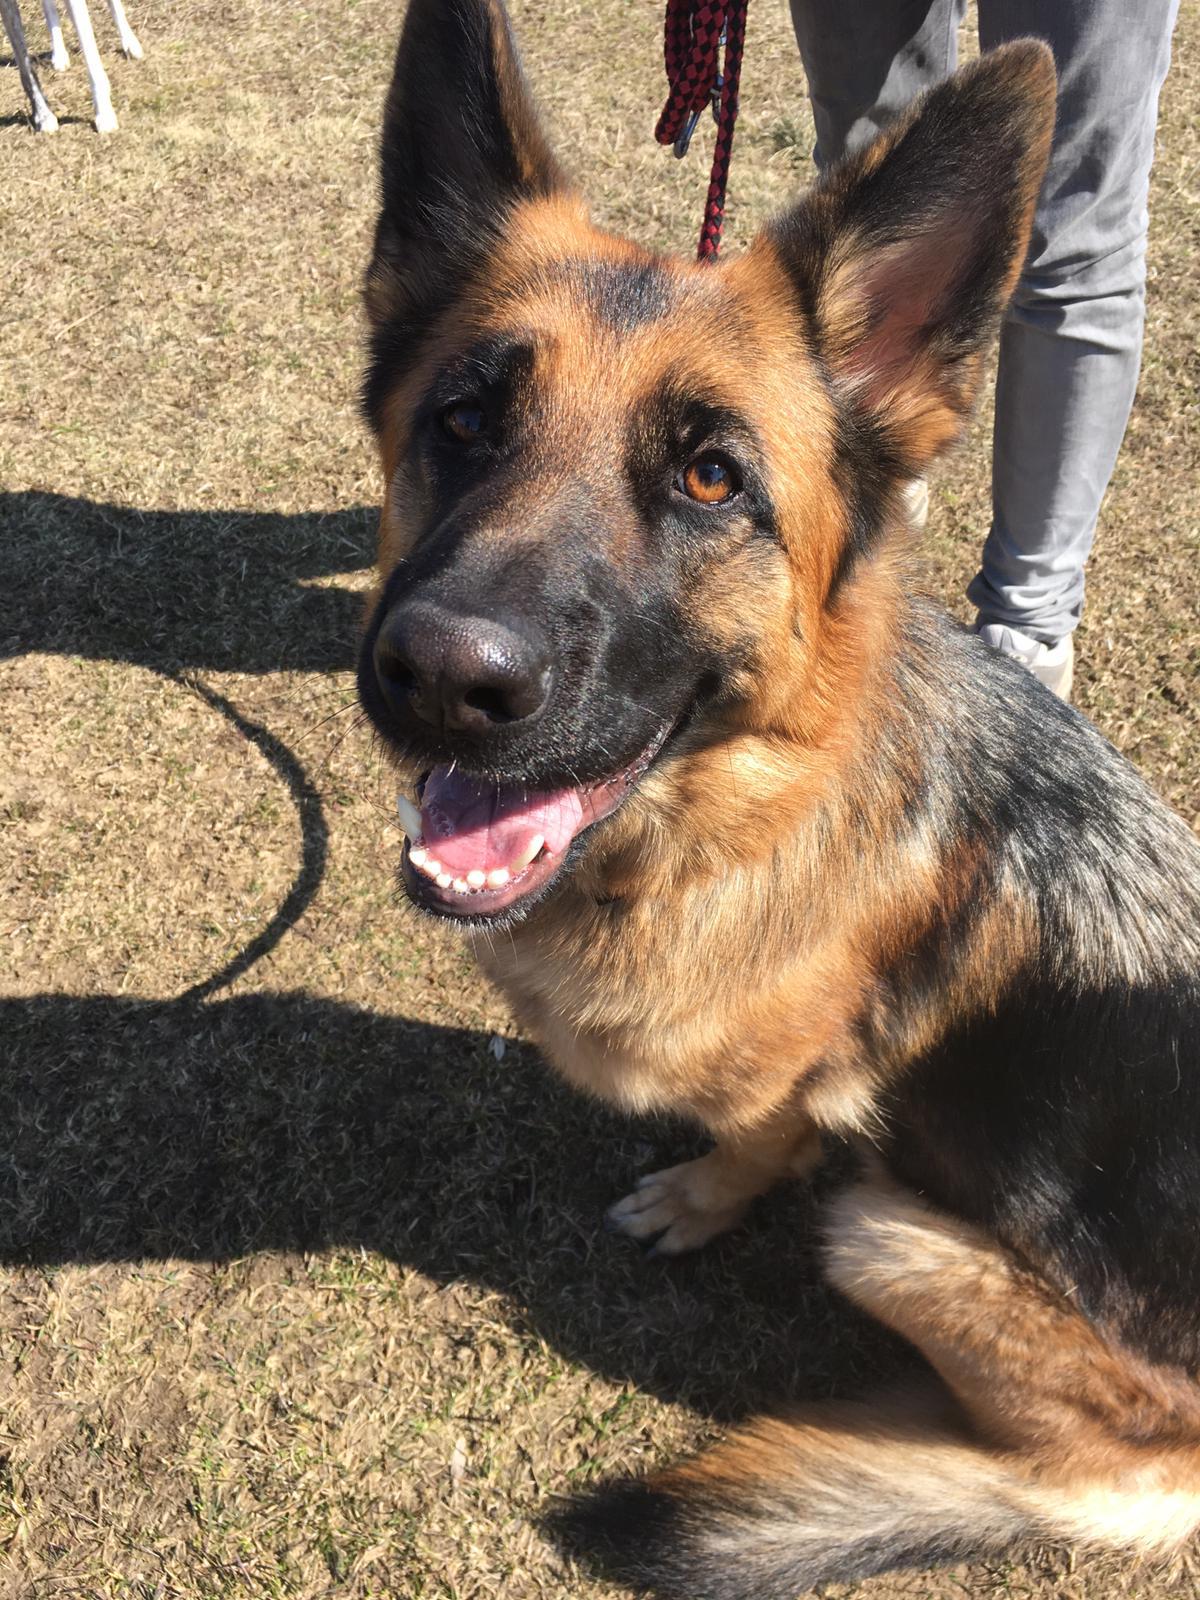 Die Tierarztpraxis Grath bietet auch eine Mobile Tierarztpraxis an mit Medizinischen Behandlungen und Verhaltenstherapie per Hausbesuch für alle Tierarten